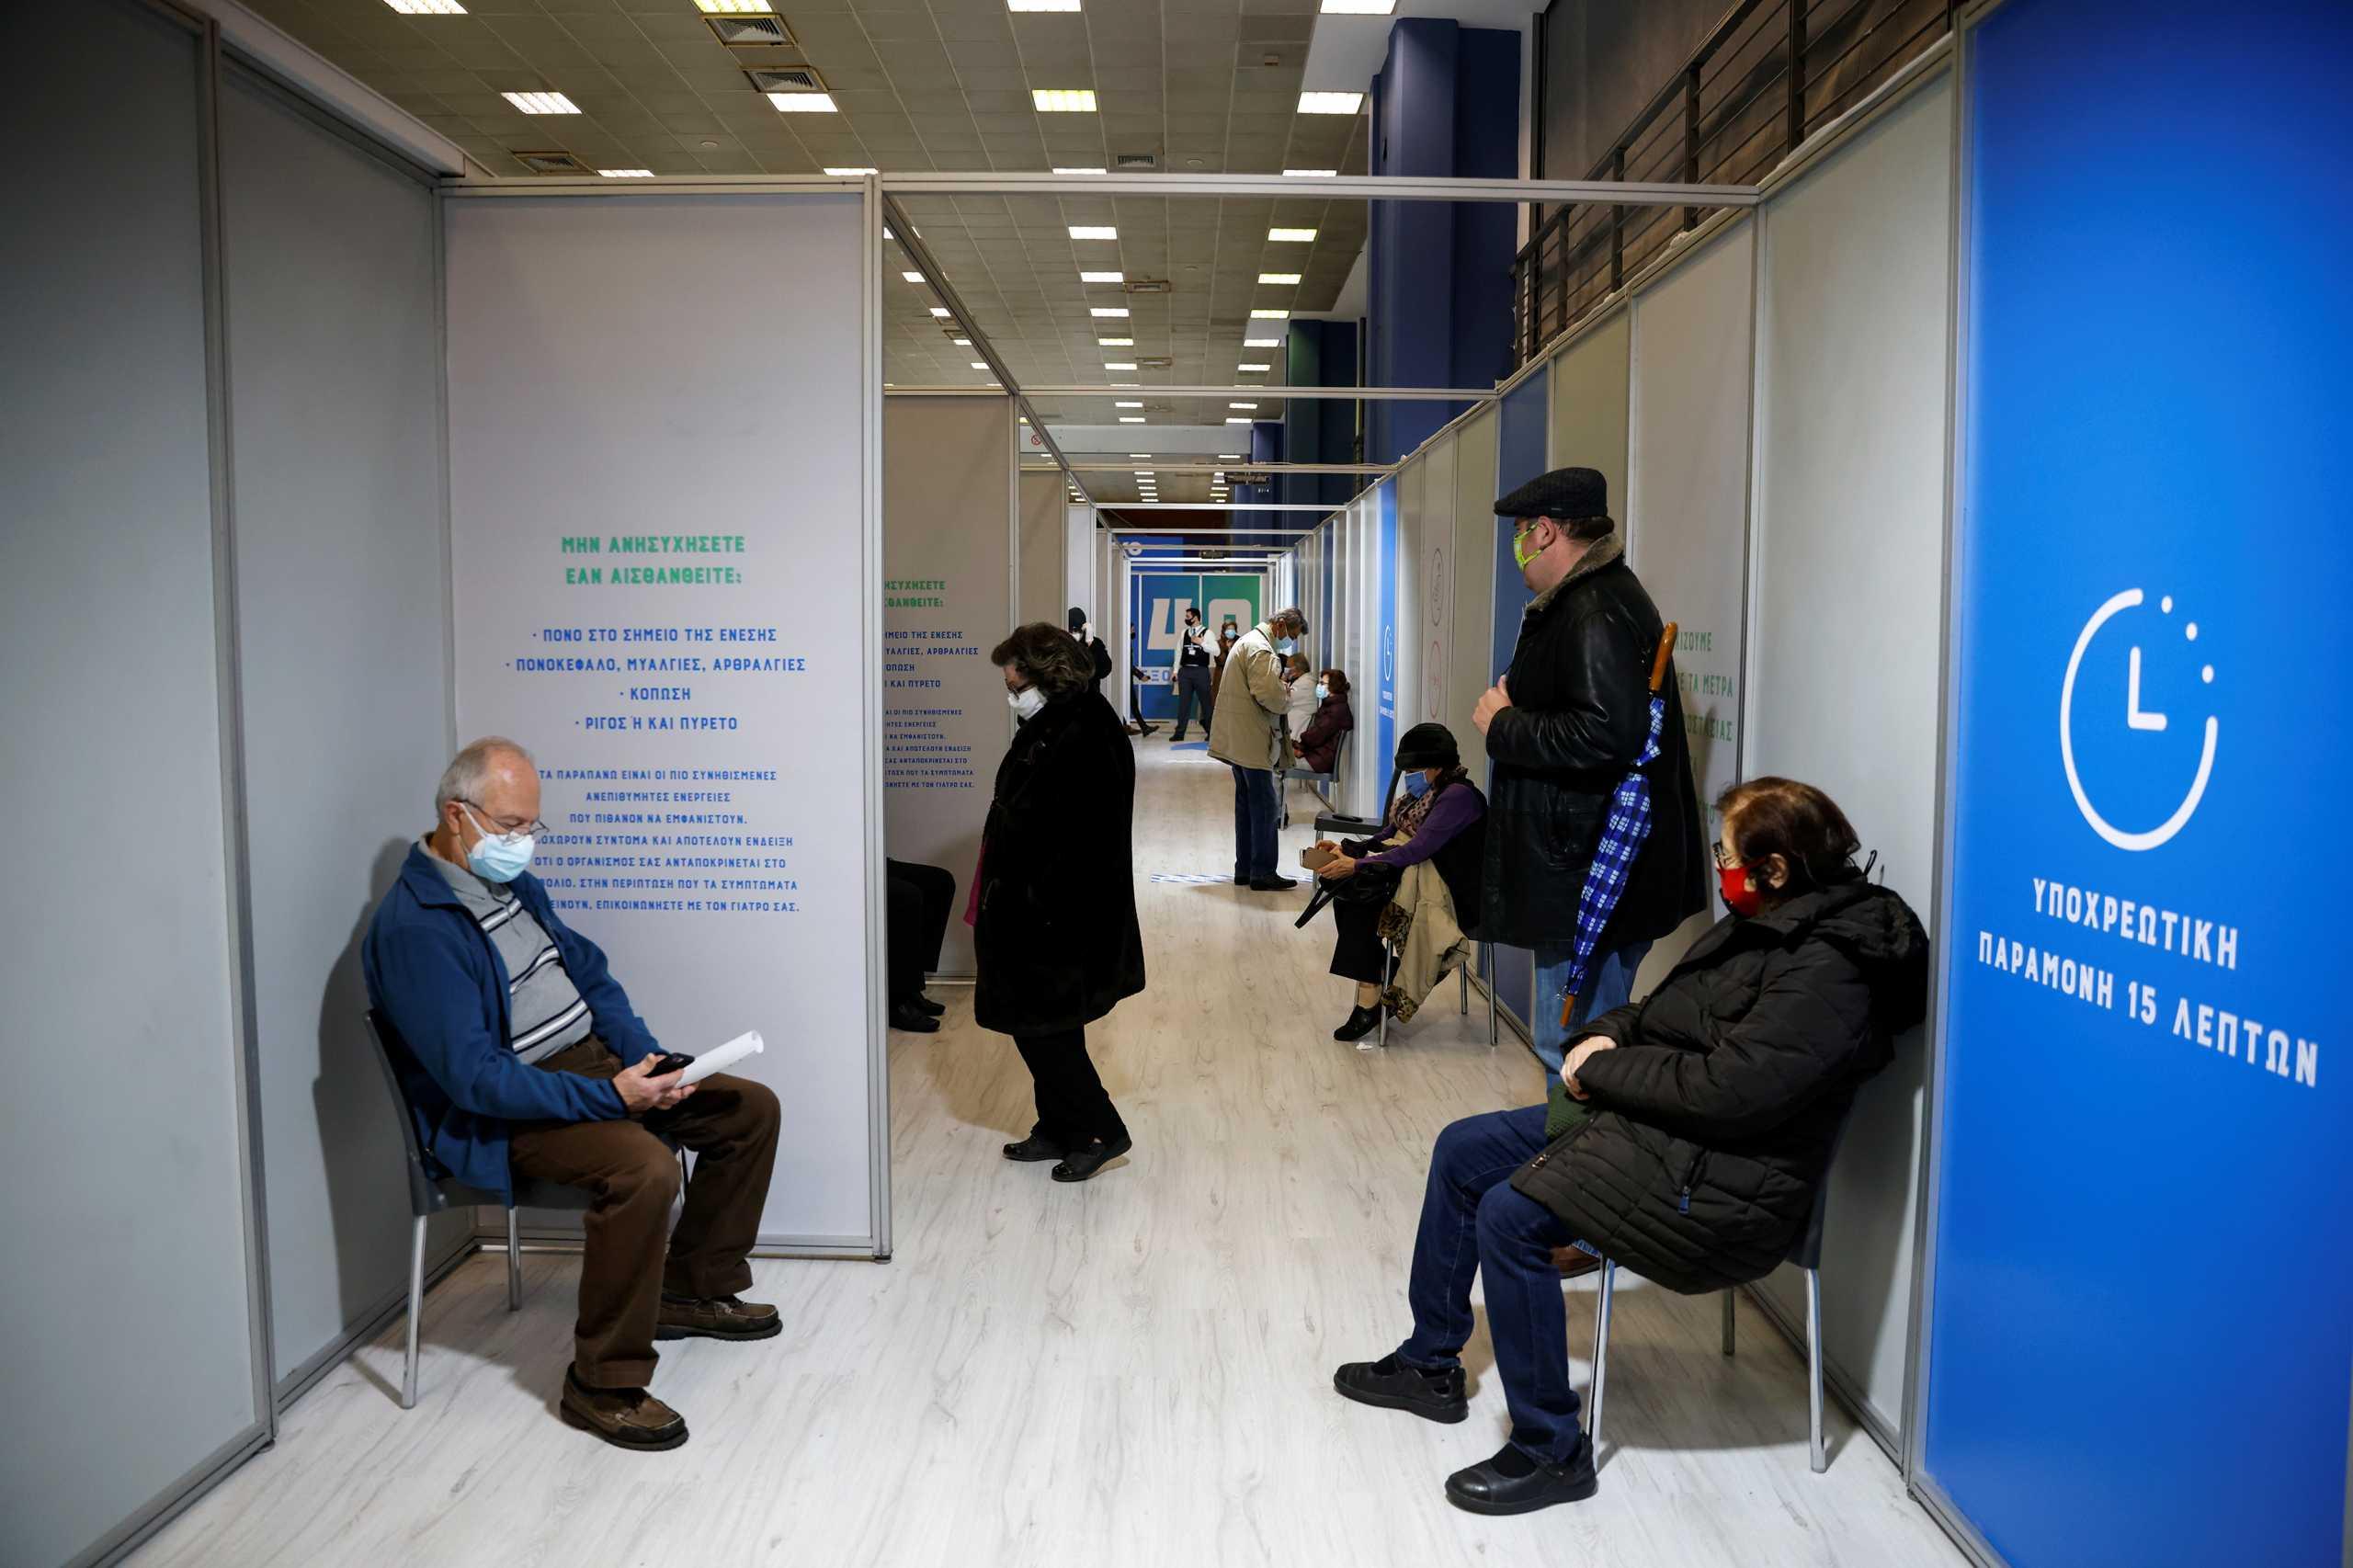 Κορονοϊός: Αλλαγές στα ραντεβού για το εμβόλιο φέρνει η «Μήδεια» – Ποια αναβάλλονται σήμερα